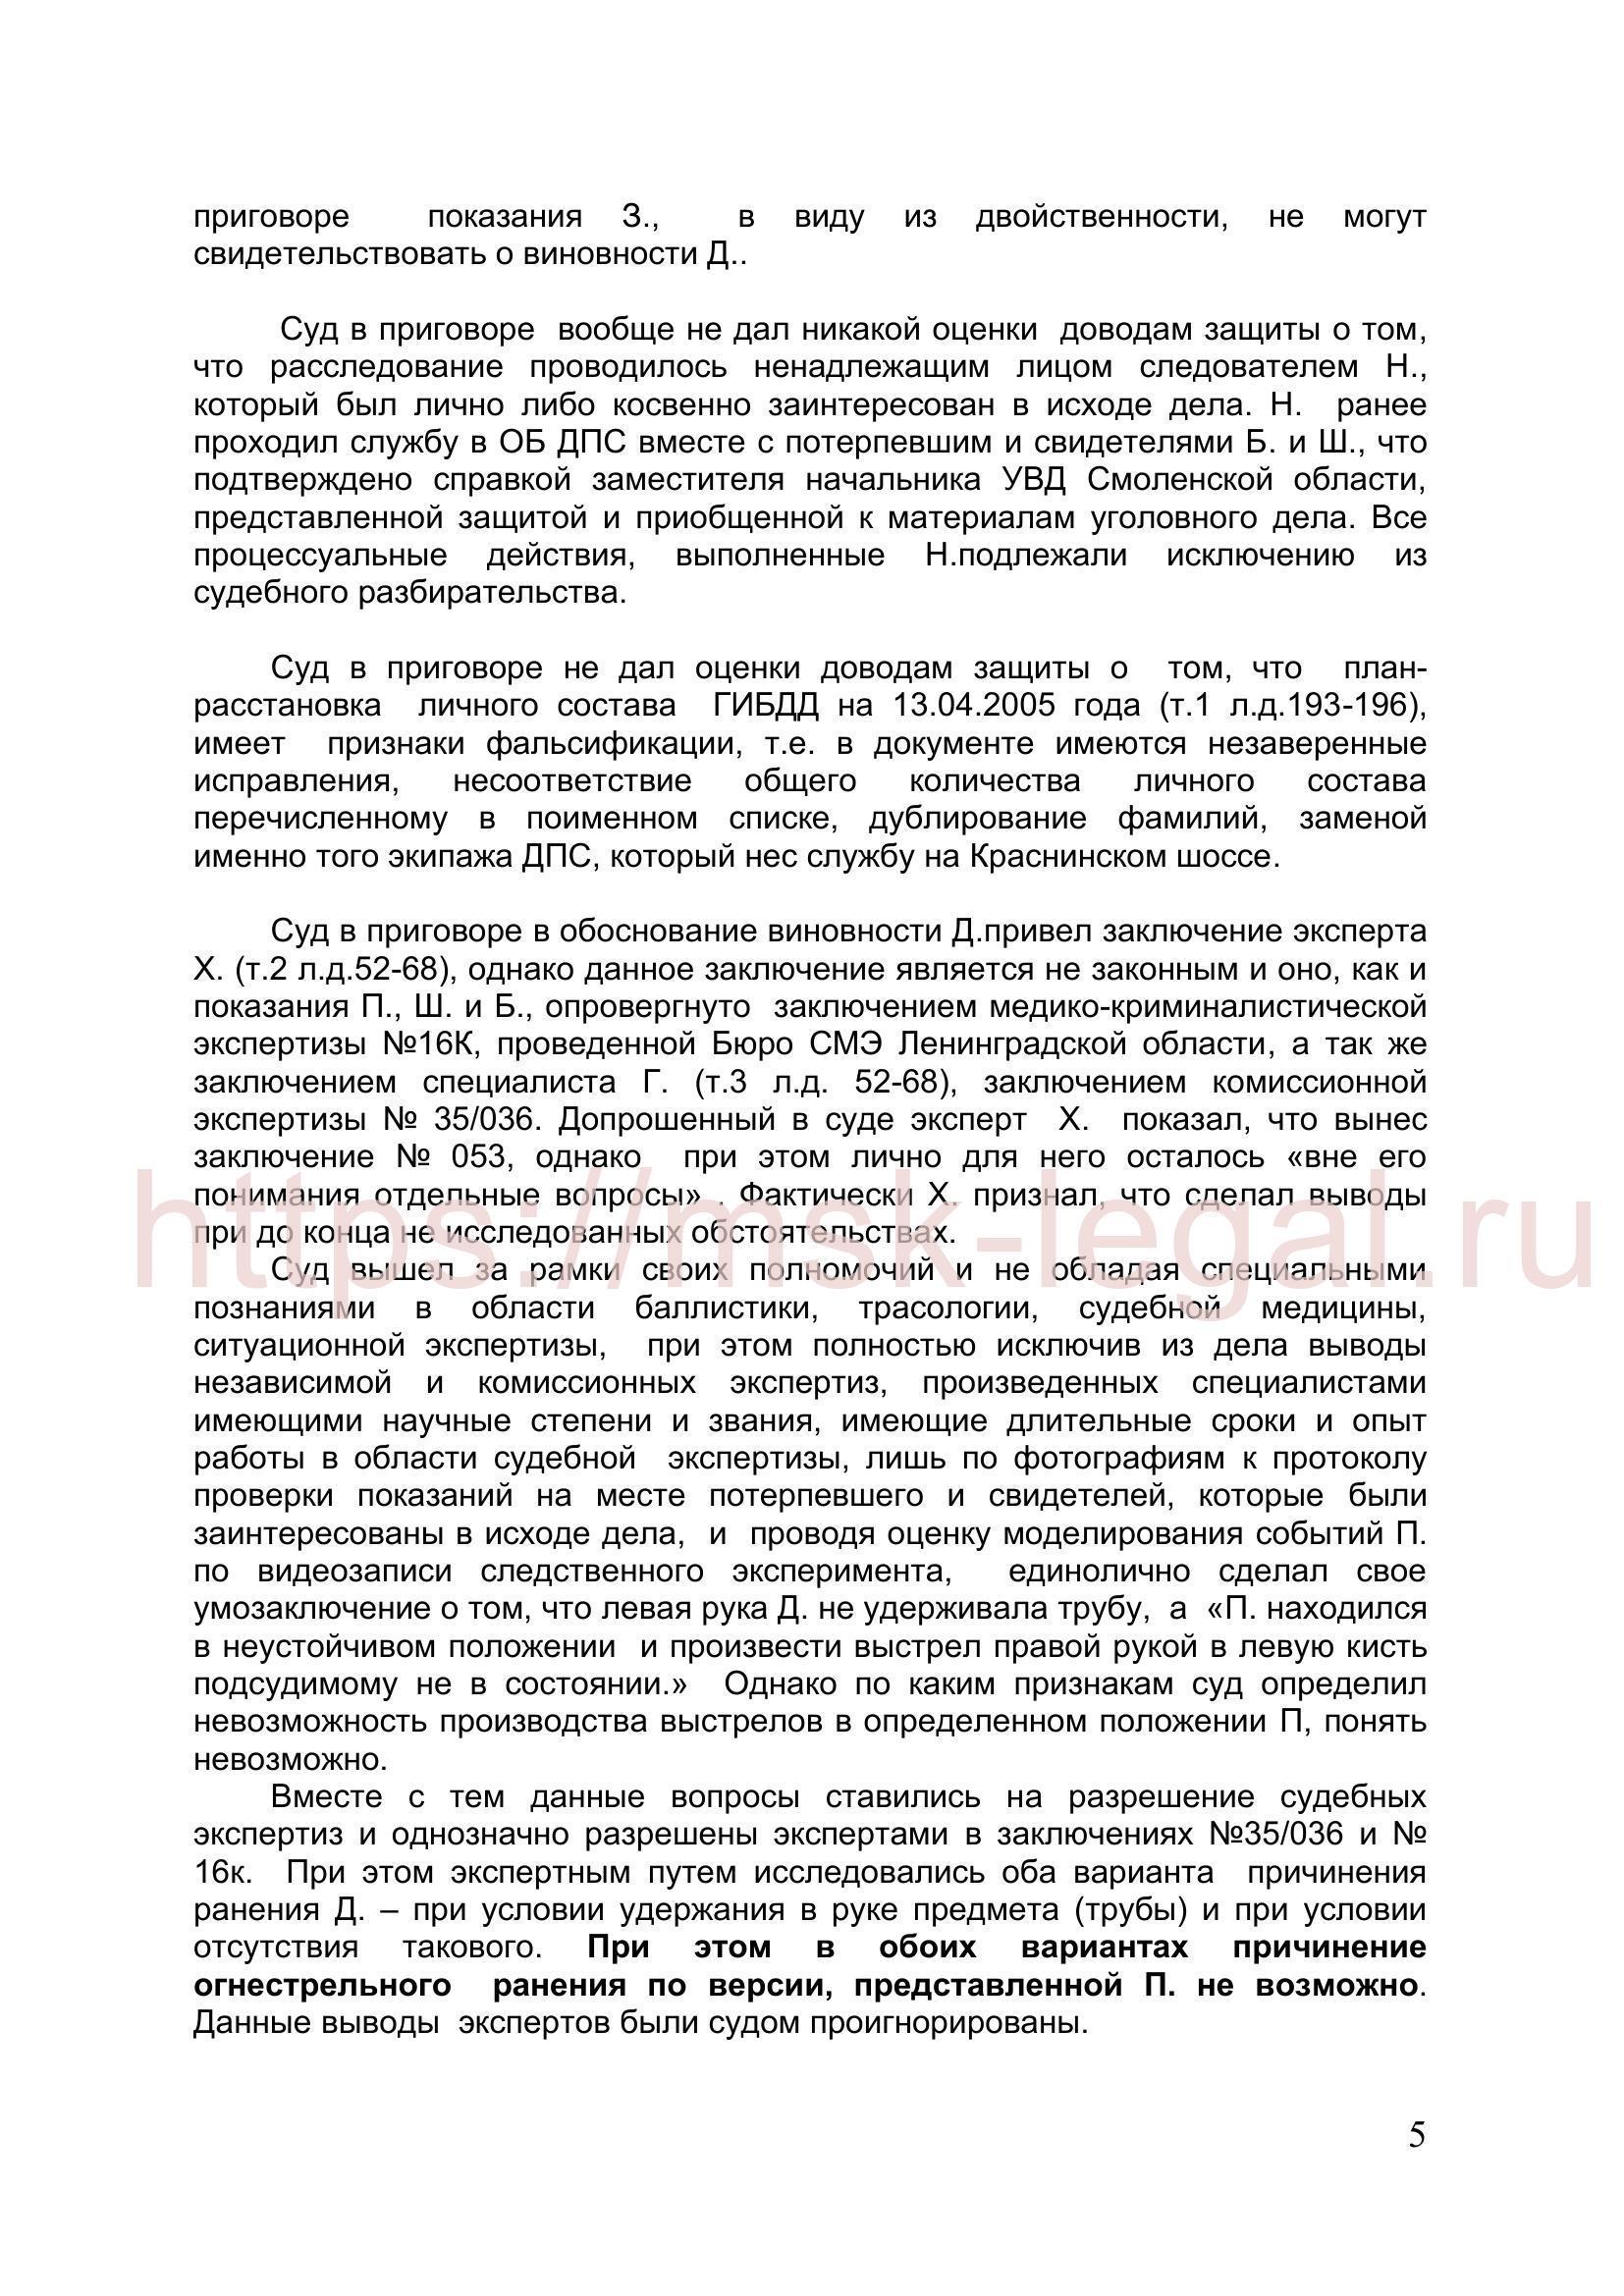 Кассационная жалоба на приговор по ст. 318 УК РФ